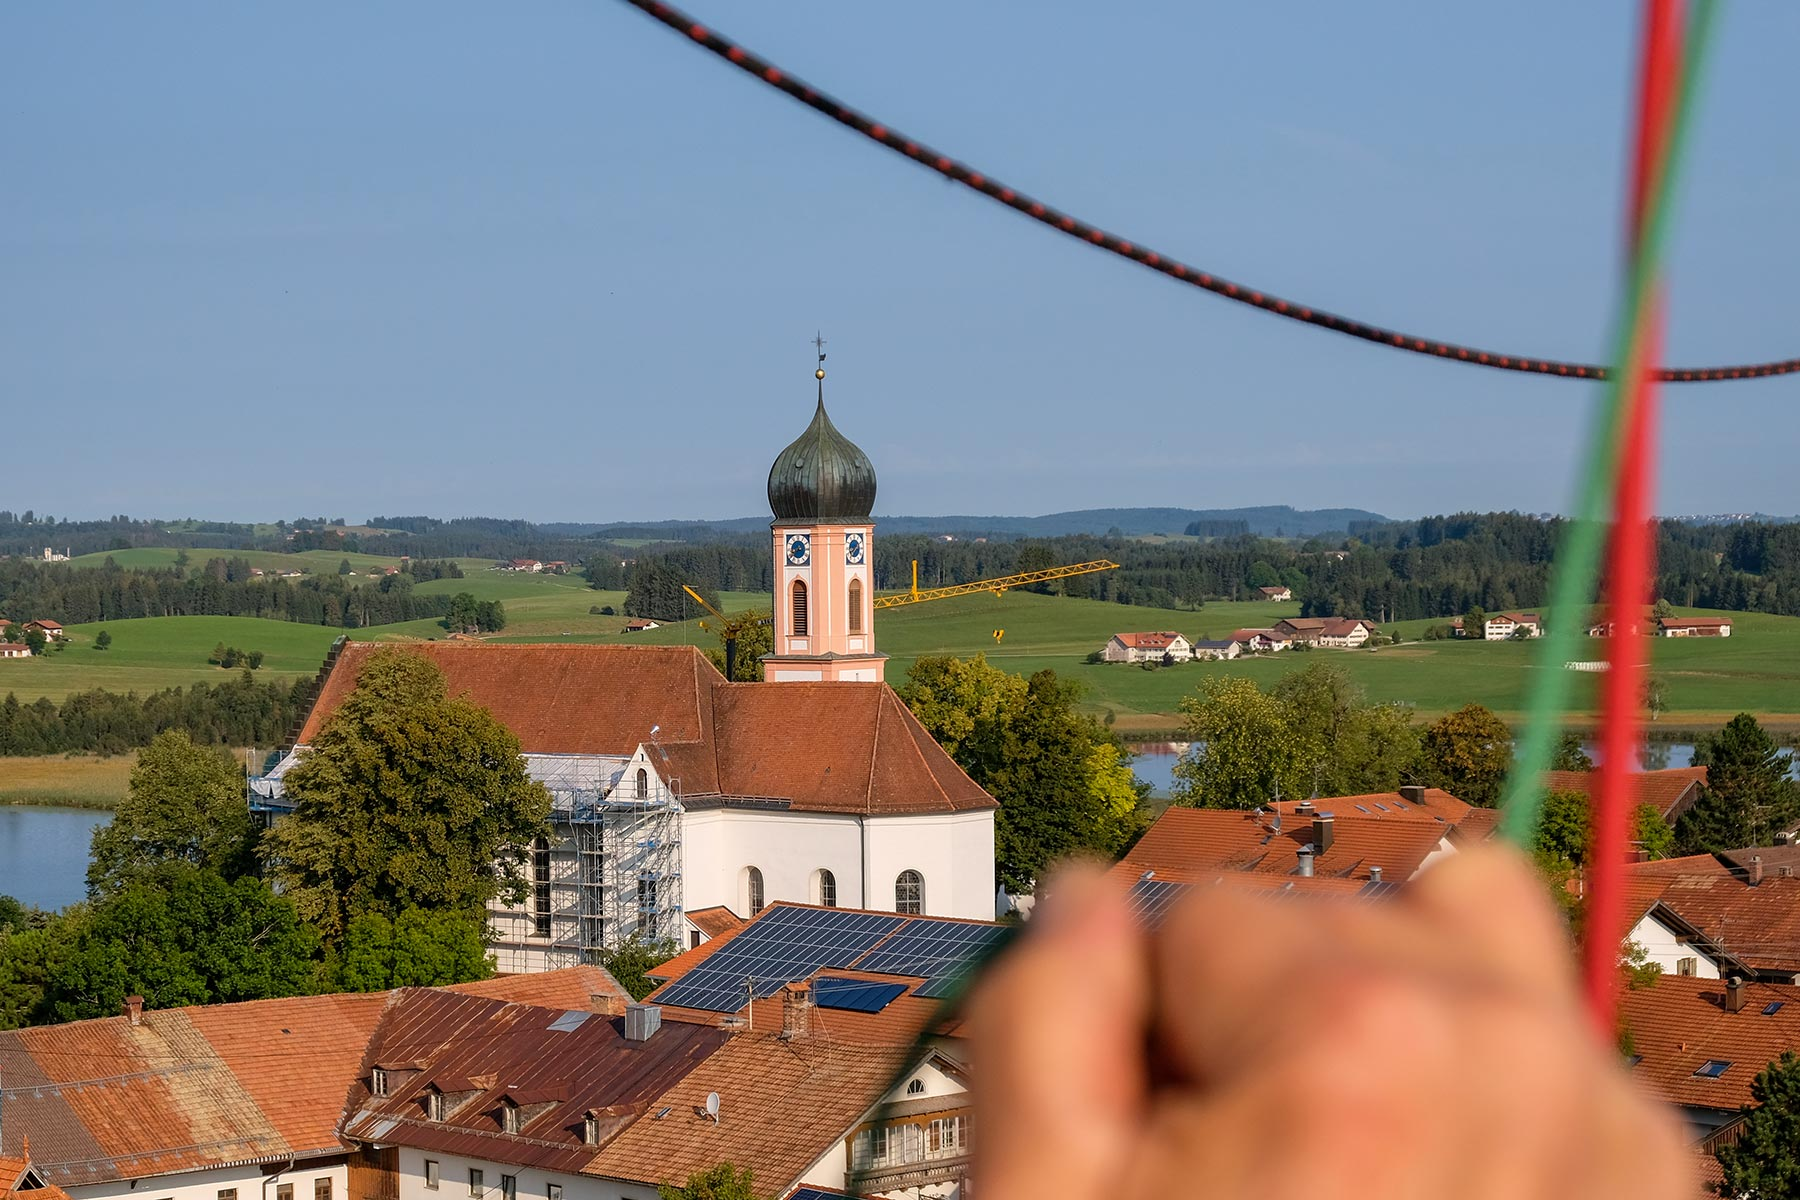 Pfarrkirche St. Ulrich in Seeg beim Landeanflug mit dem Allgäuer Büble Bier Ballon